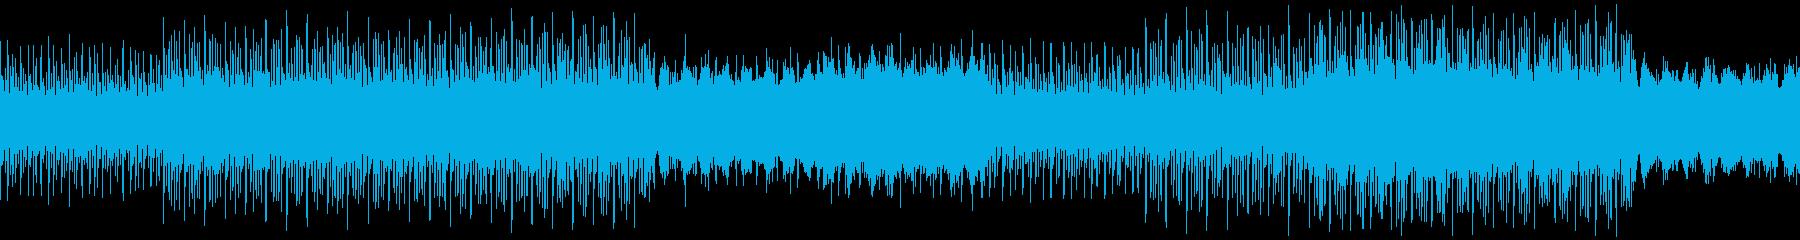 テレビゲーム 電子打楽器 楽しげ ...の再生済みの波形